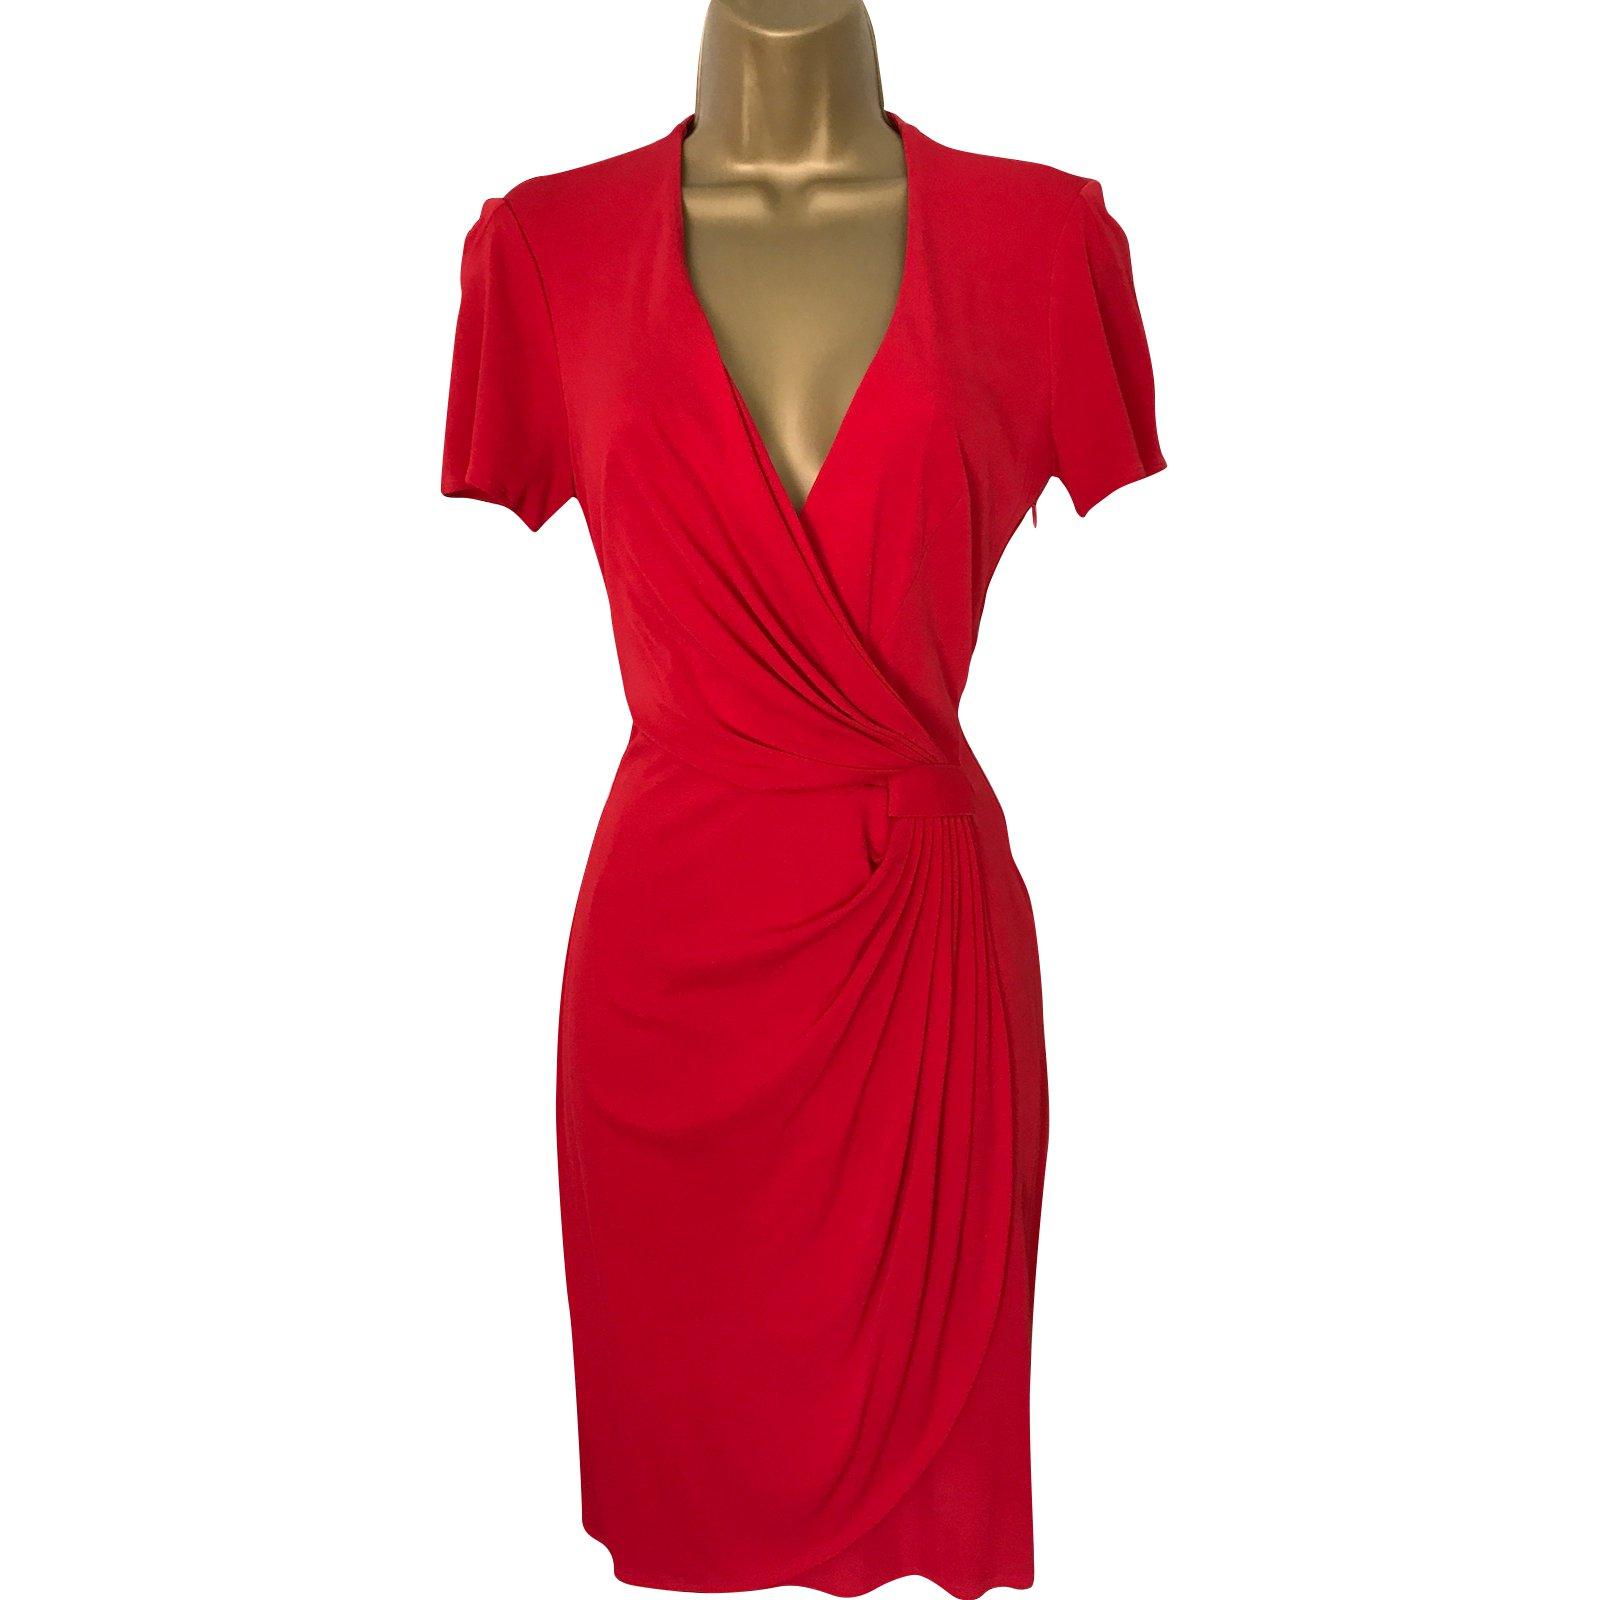 Robes Issa Robes Soie Rouge Ref 73718 Joli Closet